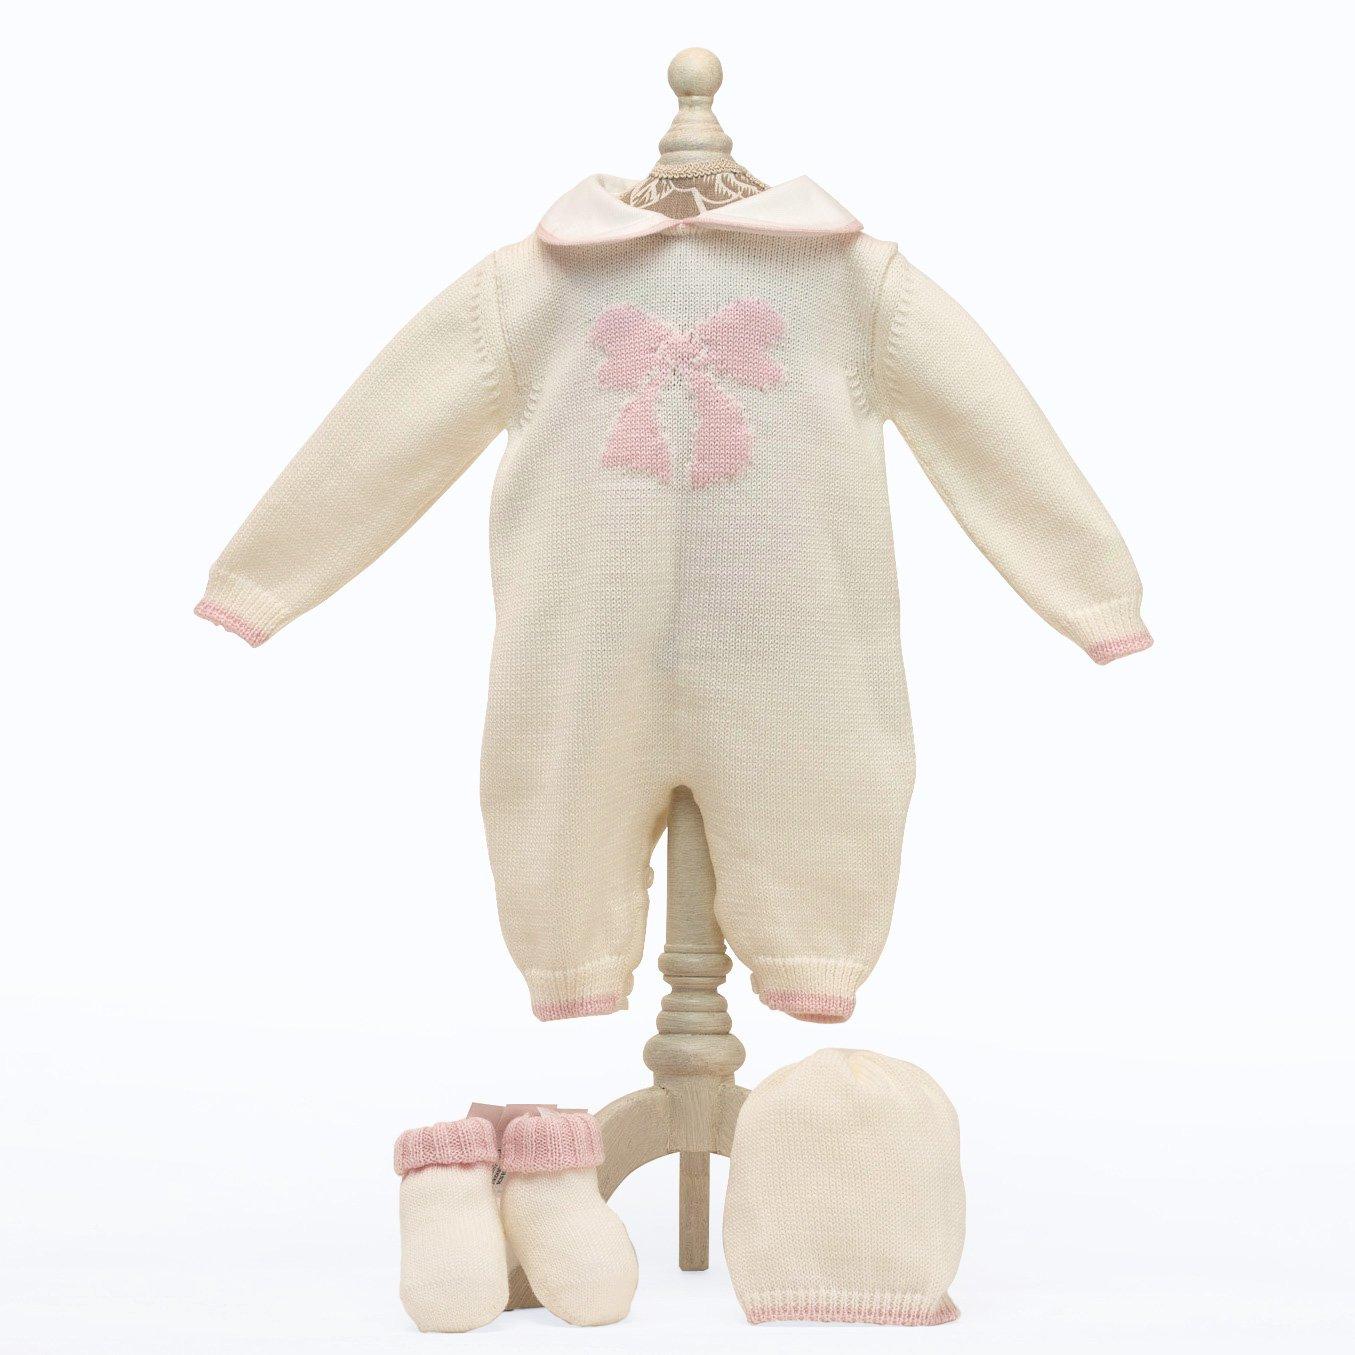 Babyshop - Baby Erstlings Set - Strickoverall, Haube und Söckchen